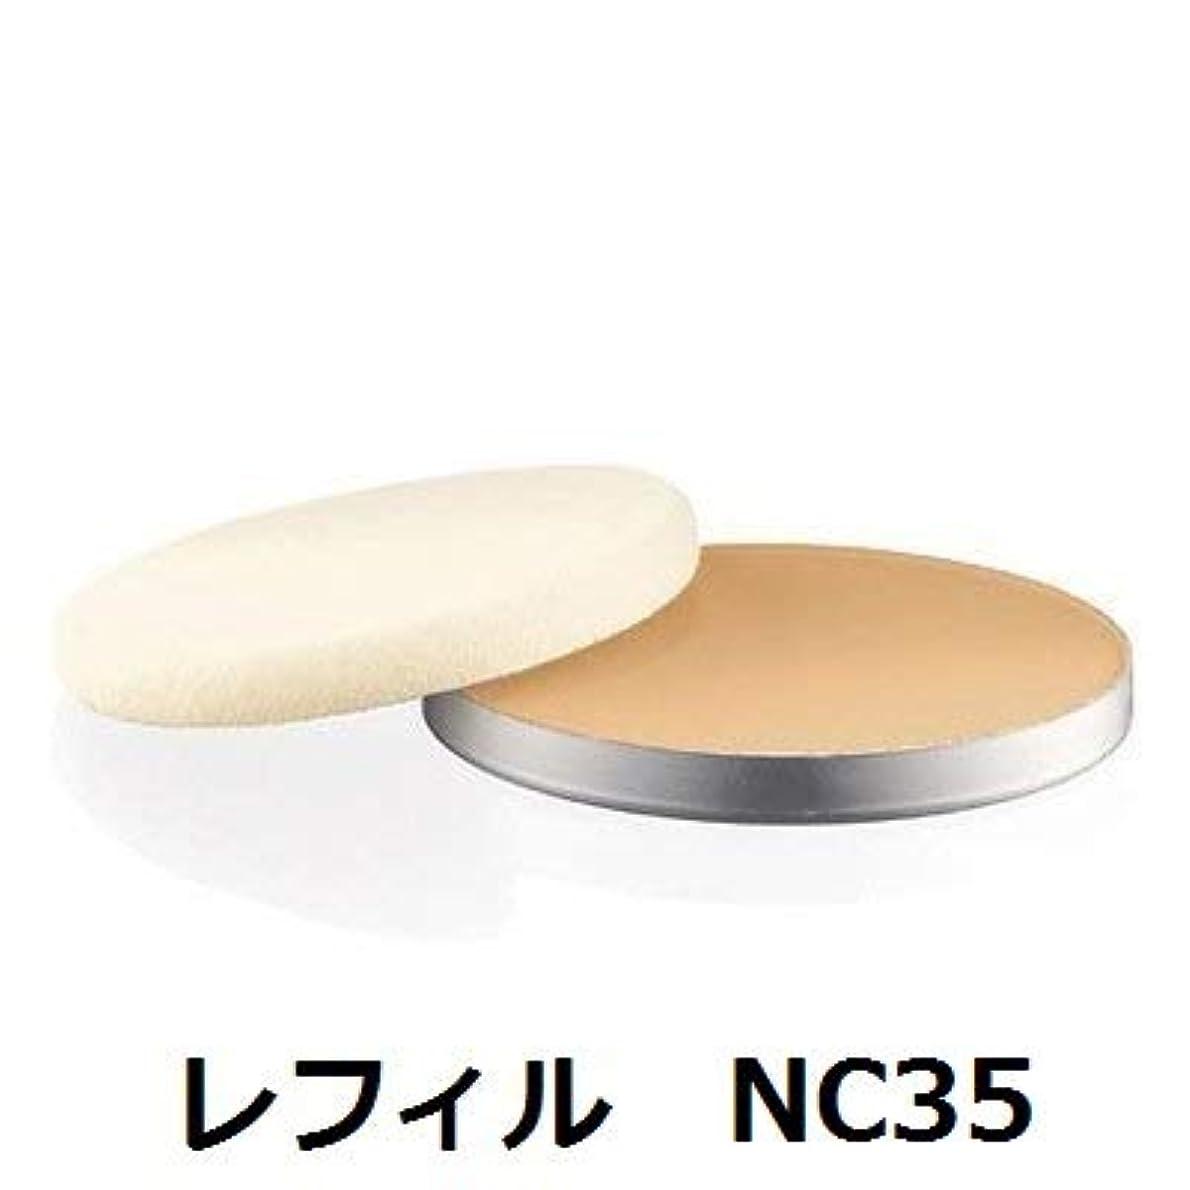 魅惑する協力正当なマック(MAC) ライトフルC+SPF 30ファンデーション レフィル #NC35 14g [並行輸入品]